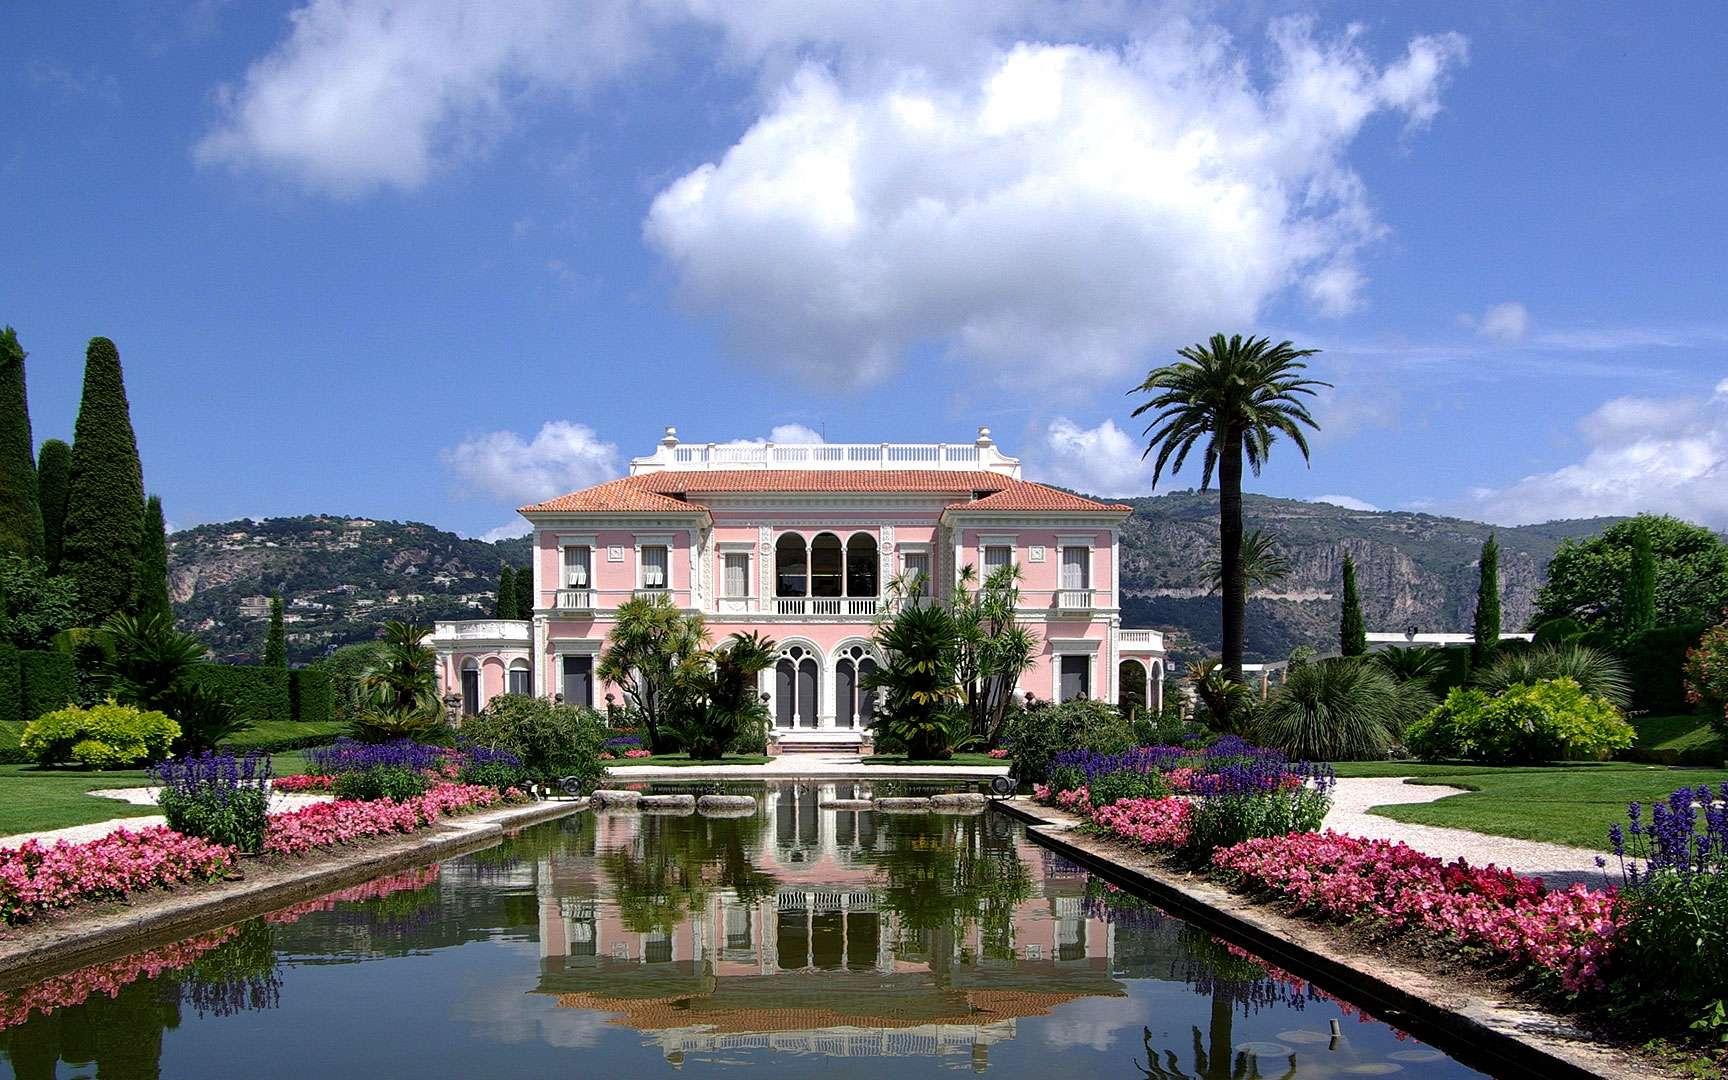 Les merveilleux jardins de la Villa Ephrussi de Rothschild. La villa Ephrussi de Rothschild surplombe la Méditerranée comme un navire entouré de jardins à thèmes. Ils sont attribués aux architectes-paysagistes Achille Duchêne et Harold Peto. Il existe : un jardin à la française ;un jardin espagnol ;un jardin florentin ;un jardin japonais ;un jardin de Sèvres ; un jardin provençal ;un jardin exotique ;un jardin lapidaire. La villa possède aussi une roseraie regroupant 100 variétés de roses dont l'une porte aujourd'hui le nom de la baronne. Il y avait un zoo, aujourd'hui disparu, qui réunissait des perruches, des singes, des mangoustes, des gazelles, des antilopes, des flamants roses... L'ensemble possède des vestiges archéologiques, des patios, des pergolas, des cascades, des bassins, des palmiers, des parterres fleuris, des jacinthes d'eau, des papyrus géants, des bambous... © Berthold Werner, Wikimedia Commons, CC by-sa 3.0